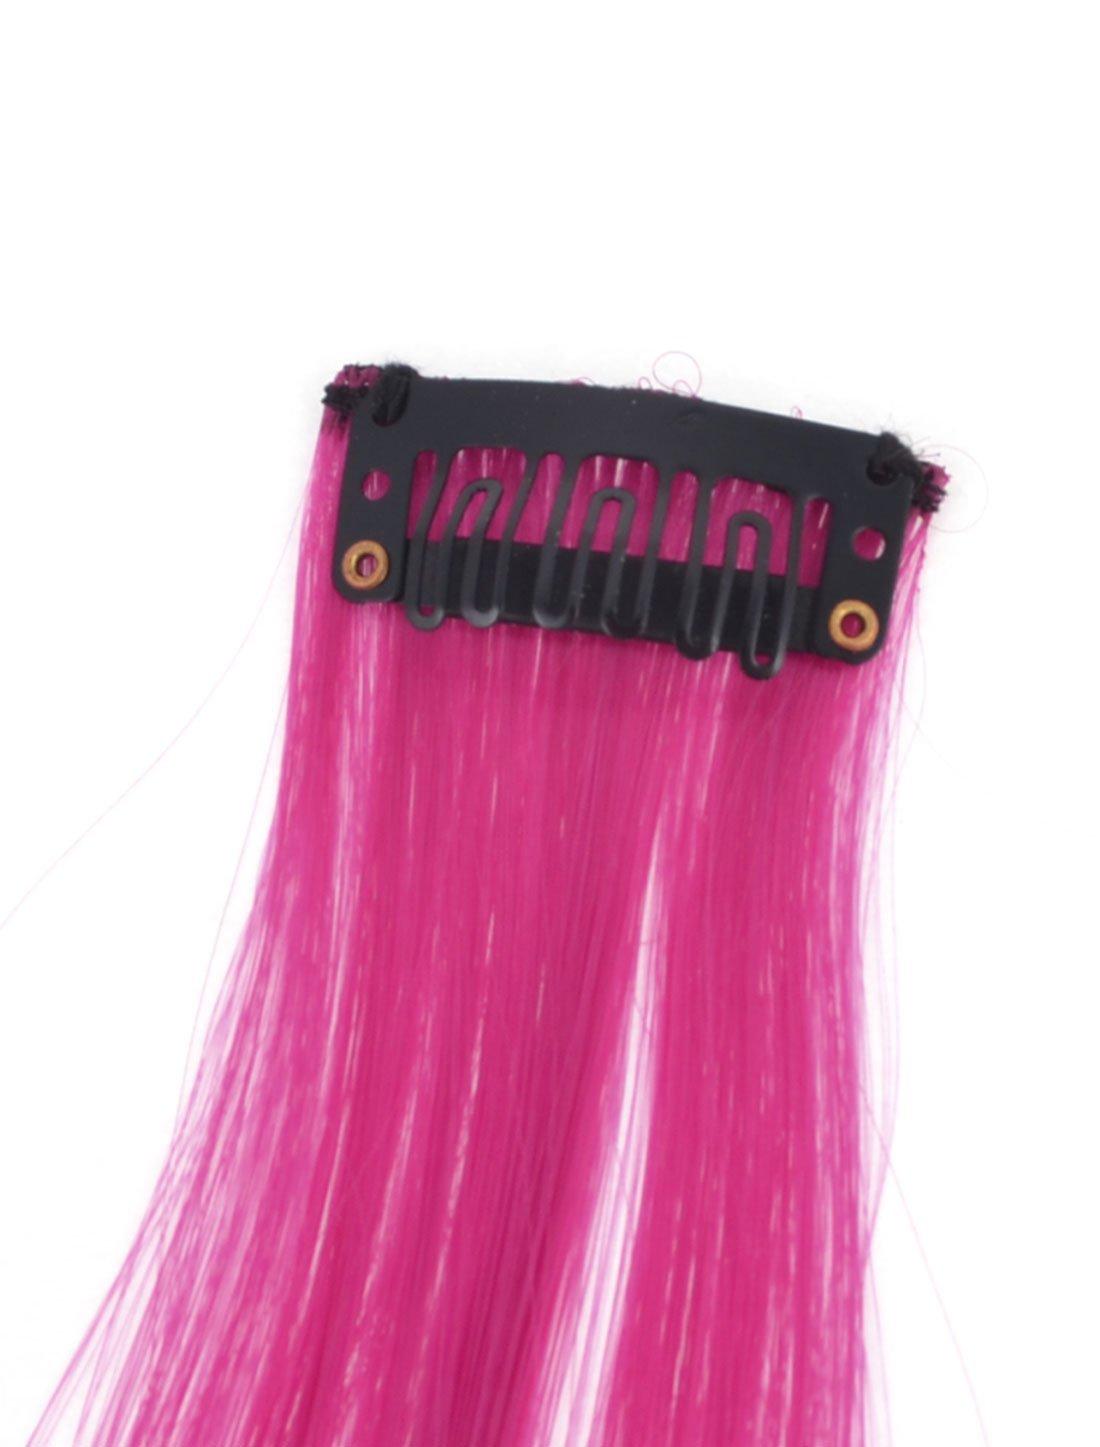 Amazon.com: eDealMax Clip Diseño Derecho del Partido peluca de Pelo Caída, púrpura/Fucsia, 18.5 pulgadas, 0,04 la Libra: Health & Personal Care